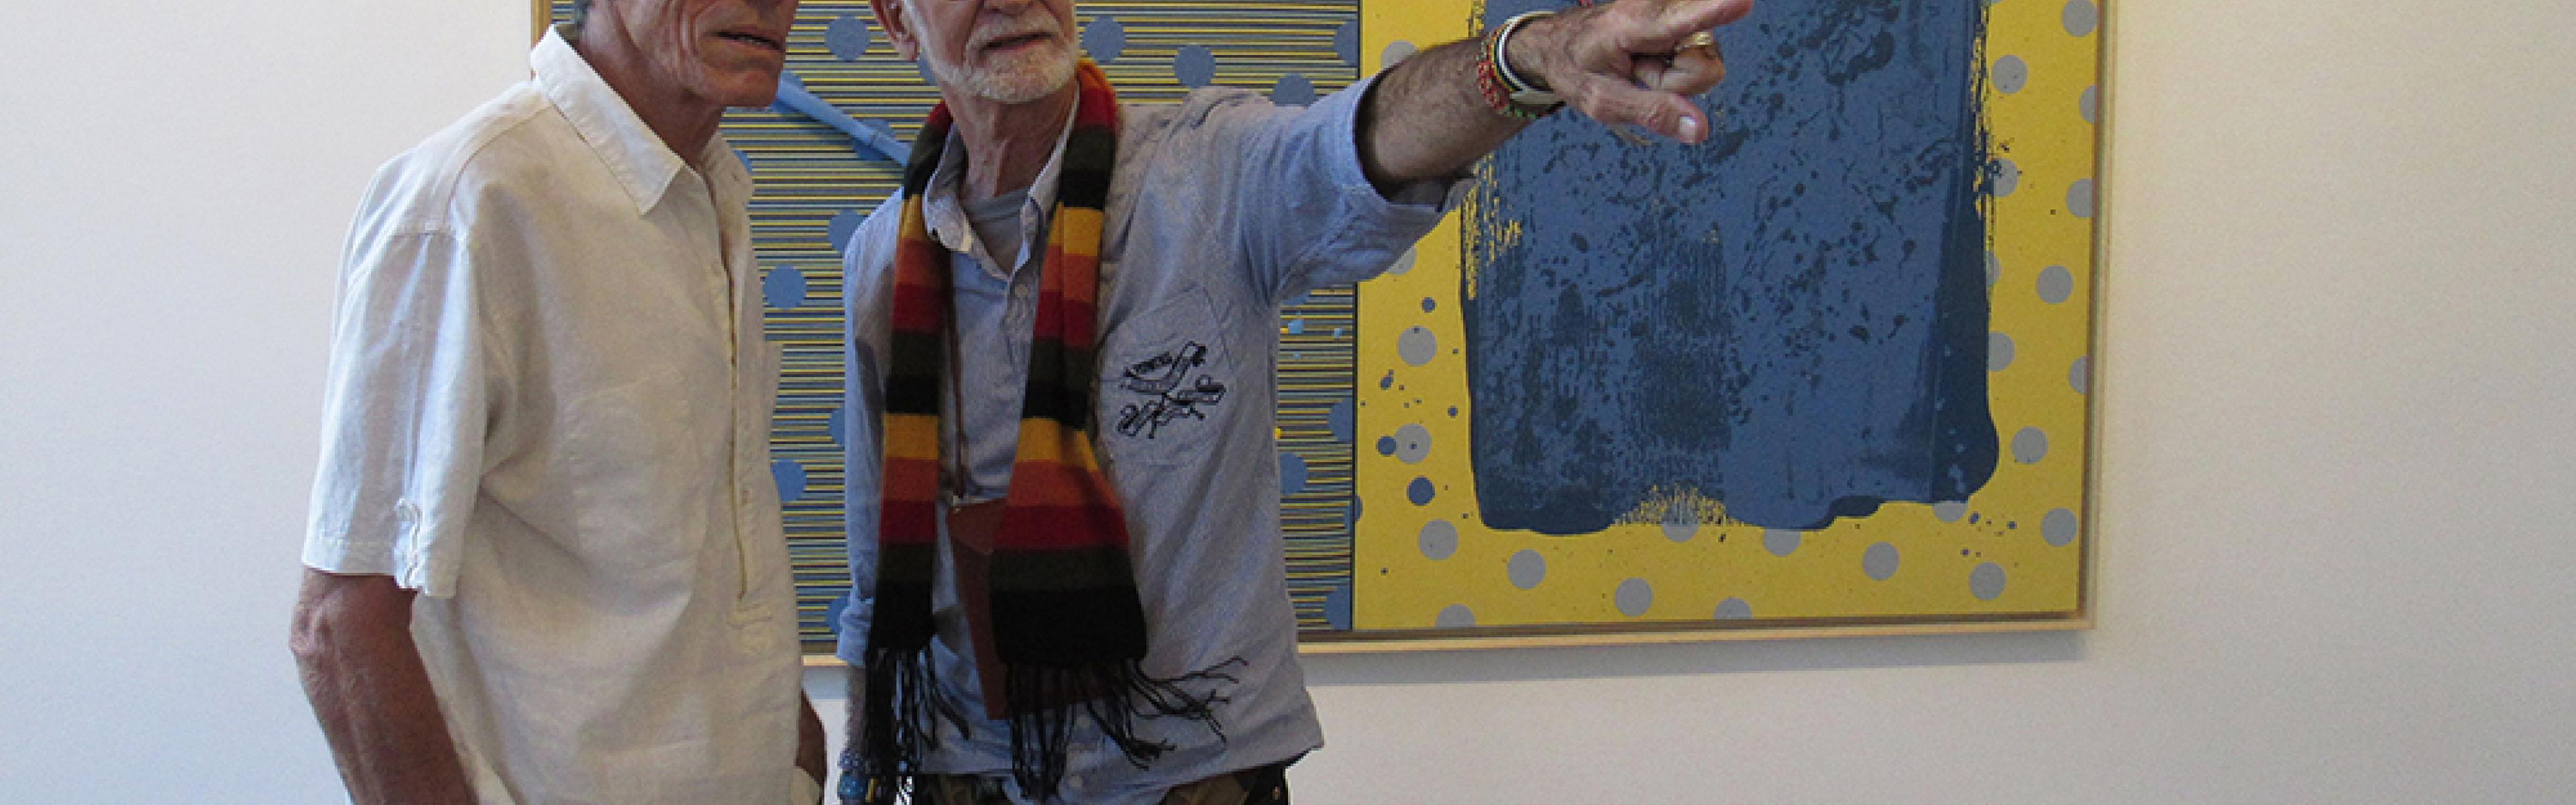 El artista Juan Suárez Blanco (i) y el curador Nelson Herrera Ysla (d)